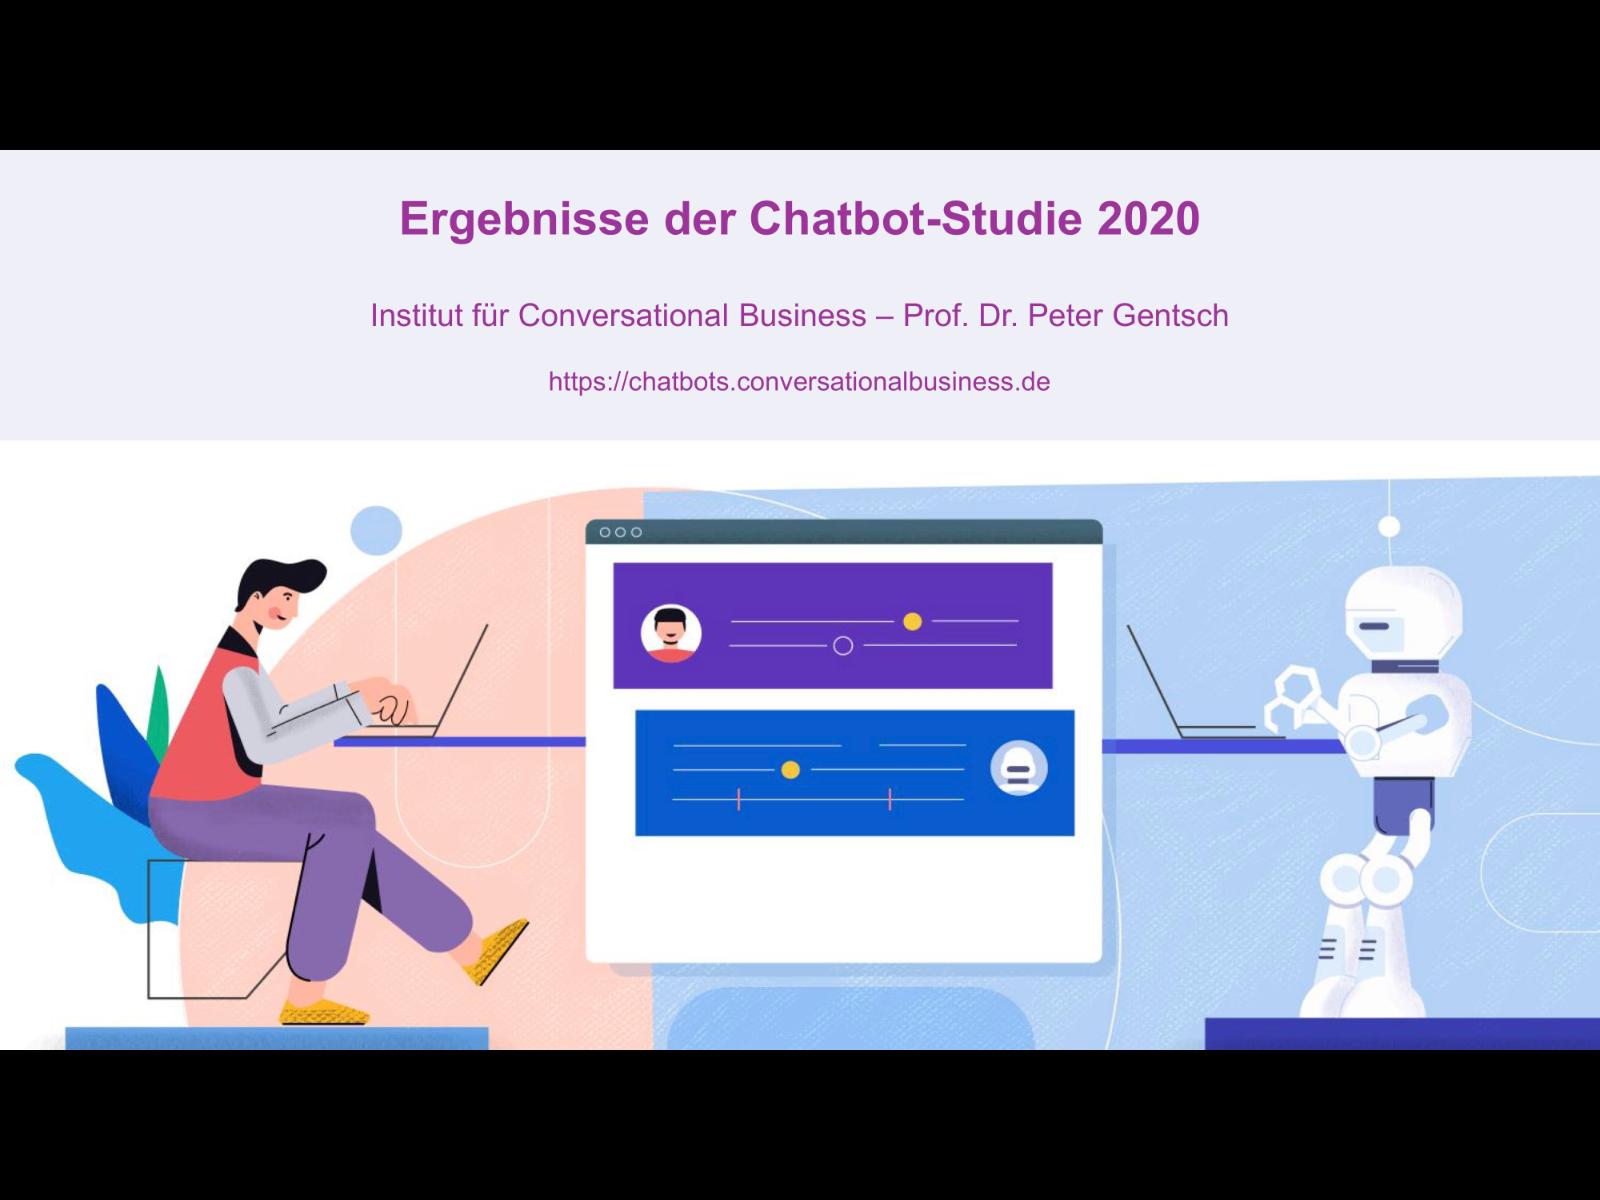 ChatbotStudie 2020 Titelfolie